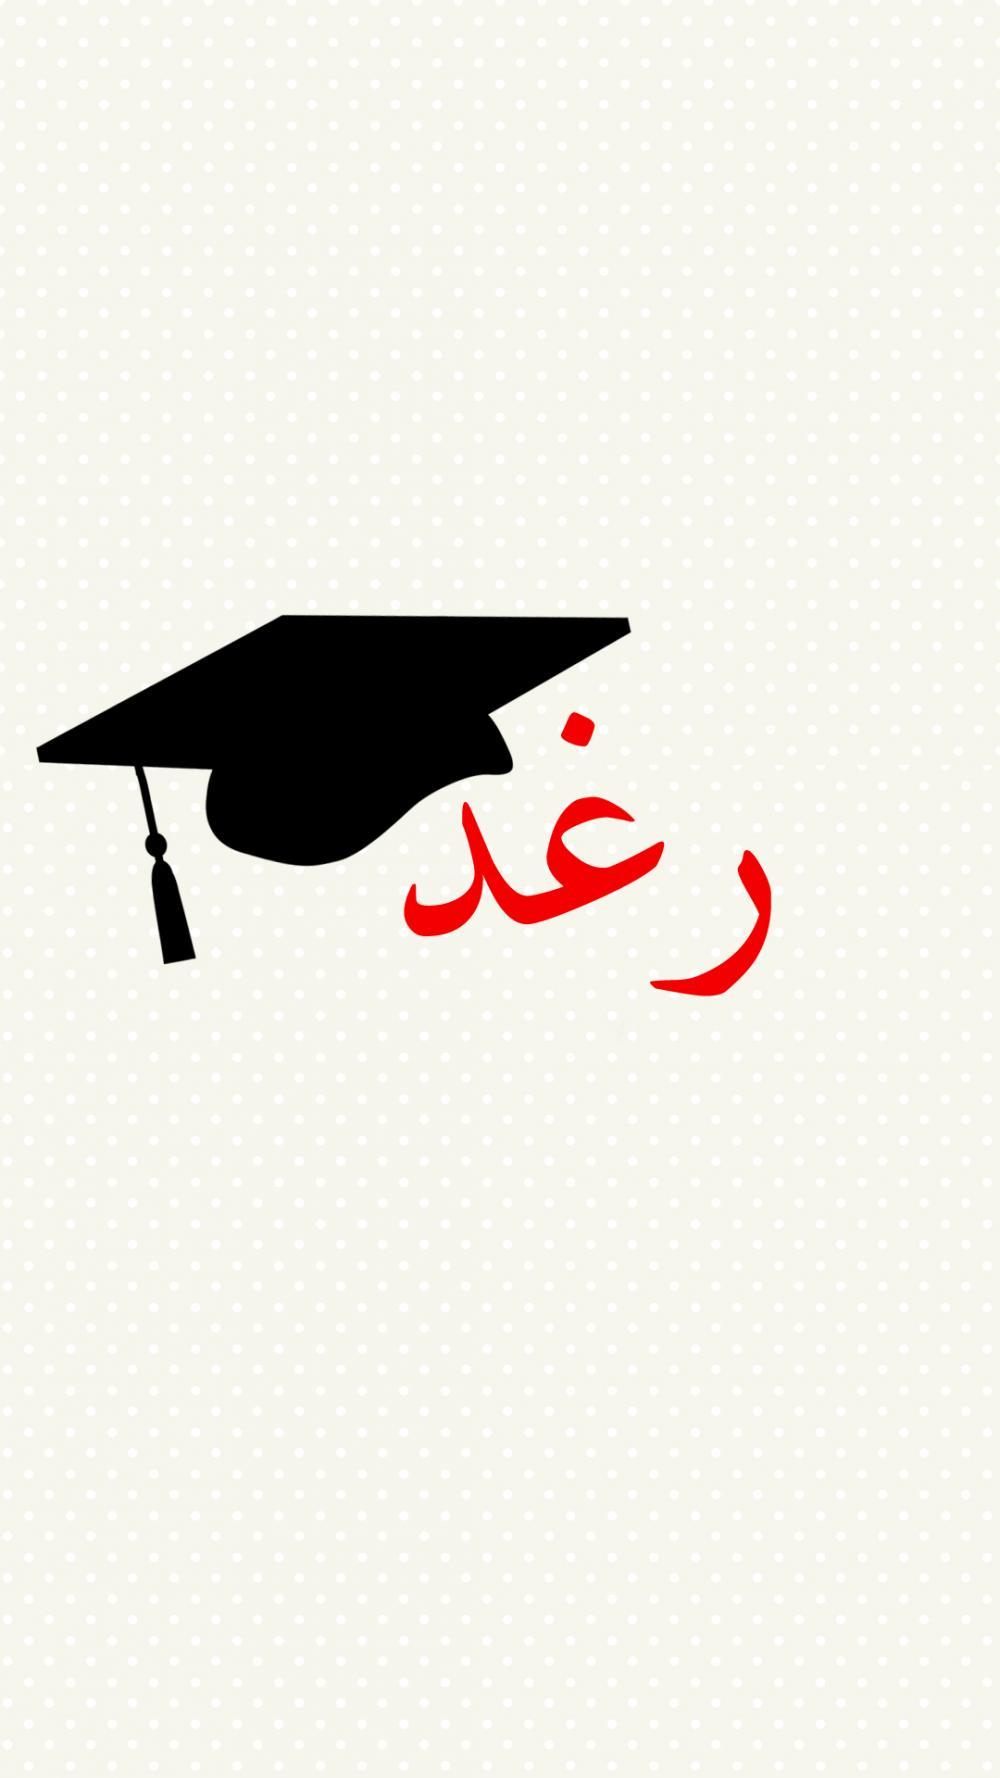 صورة صور اسم رغد , خلفيات لاسم رغد الجميل